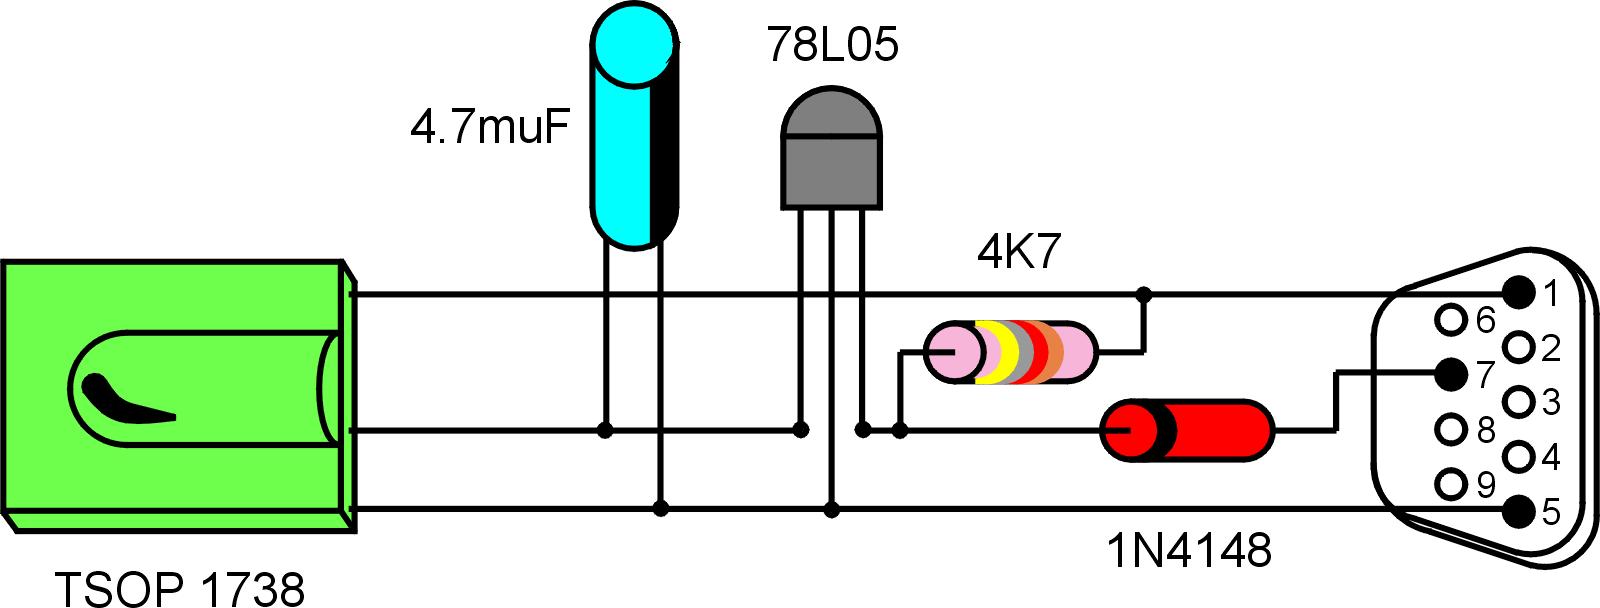 На те схемку управления компом через КОМ порт.  Фотоприемник можно выдрать из телека с ДУ - там такой-же.